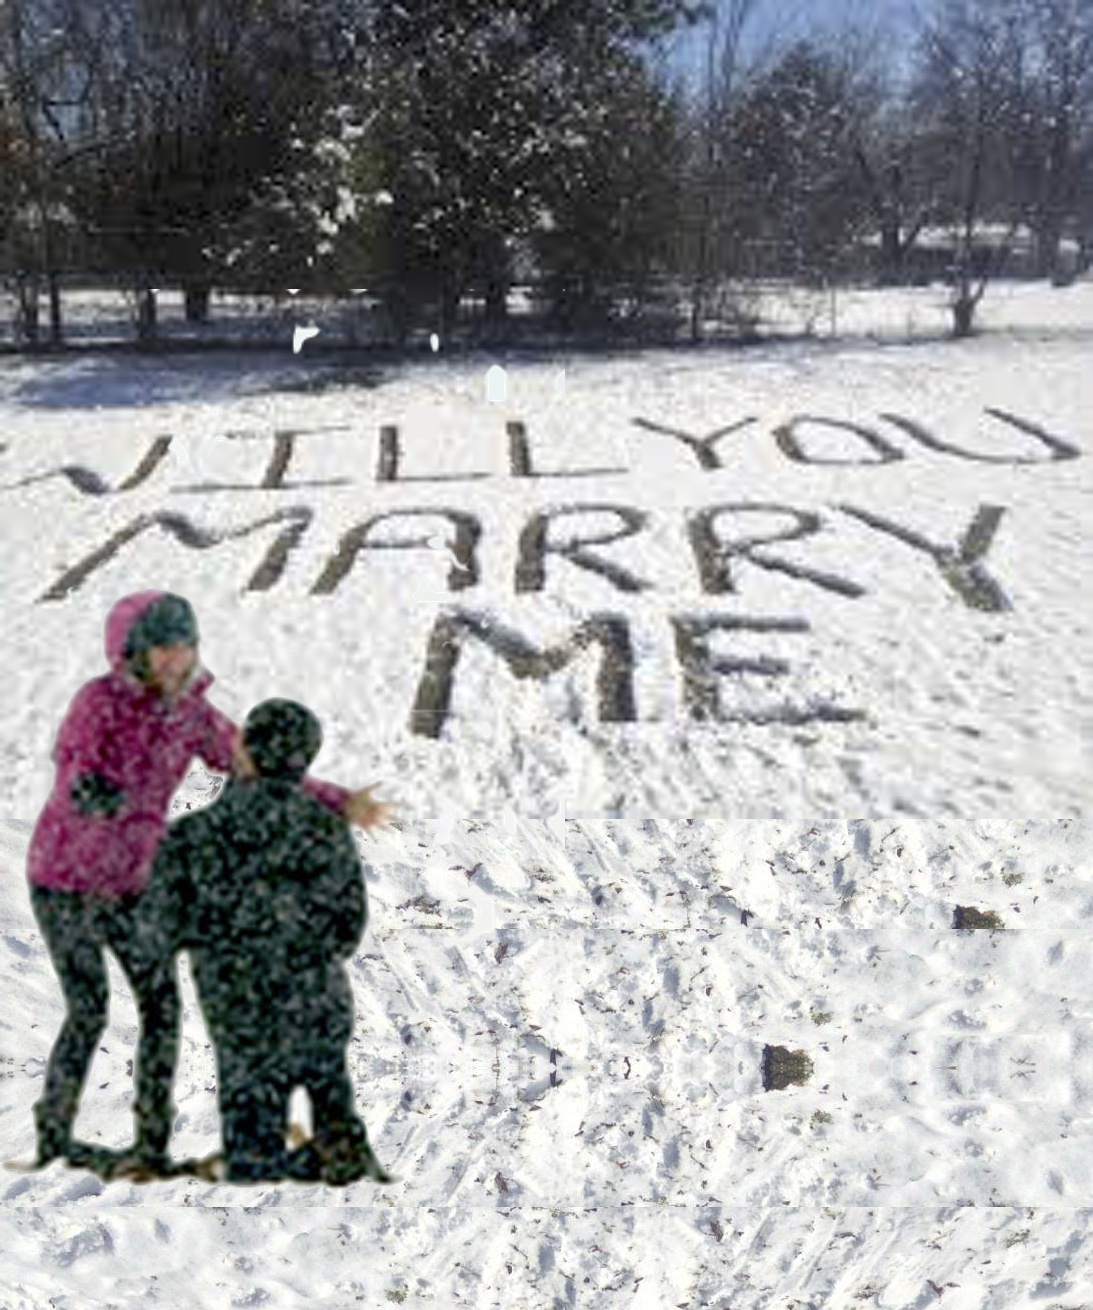 предложение за брак на Коледа